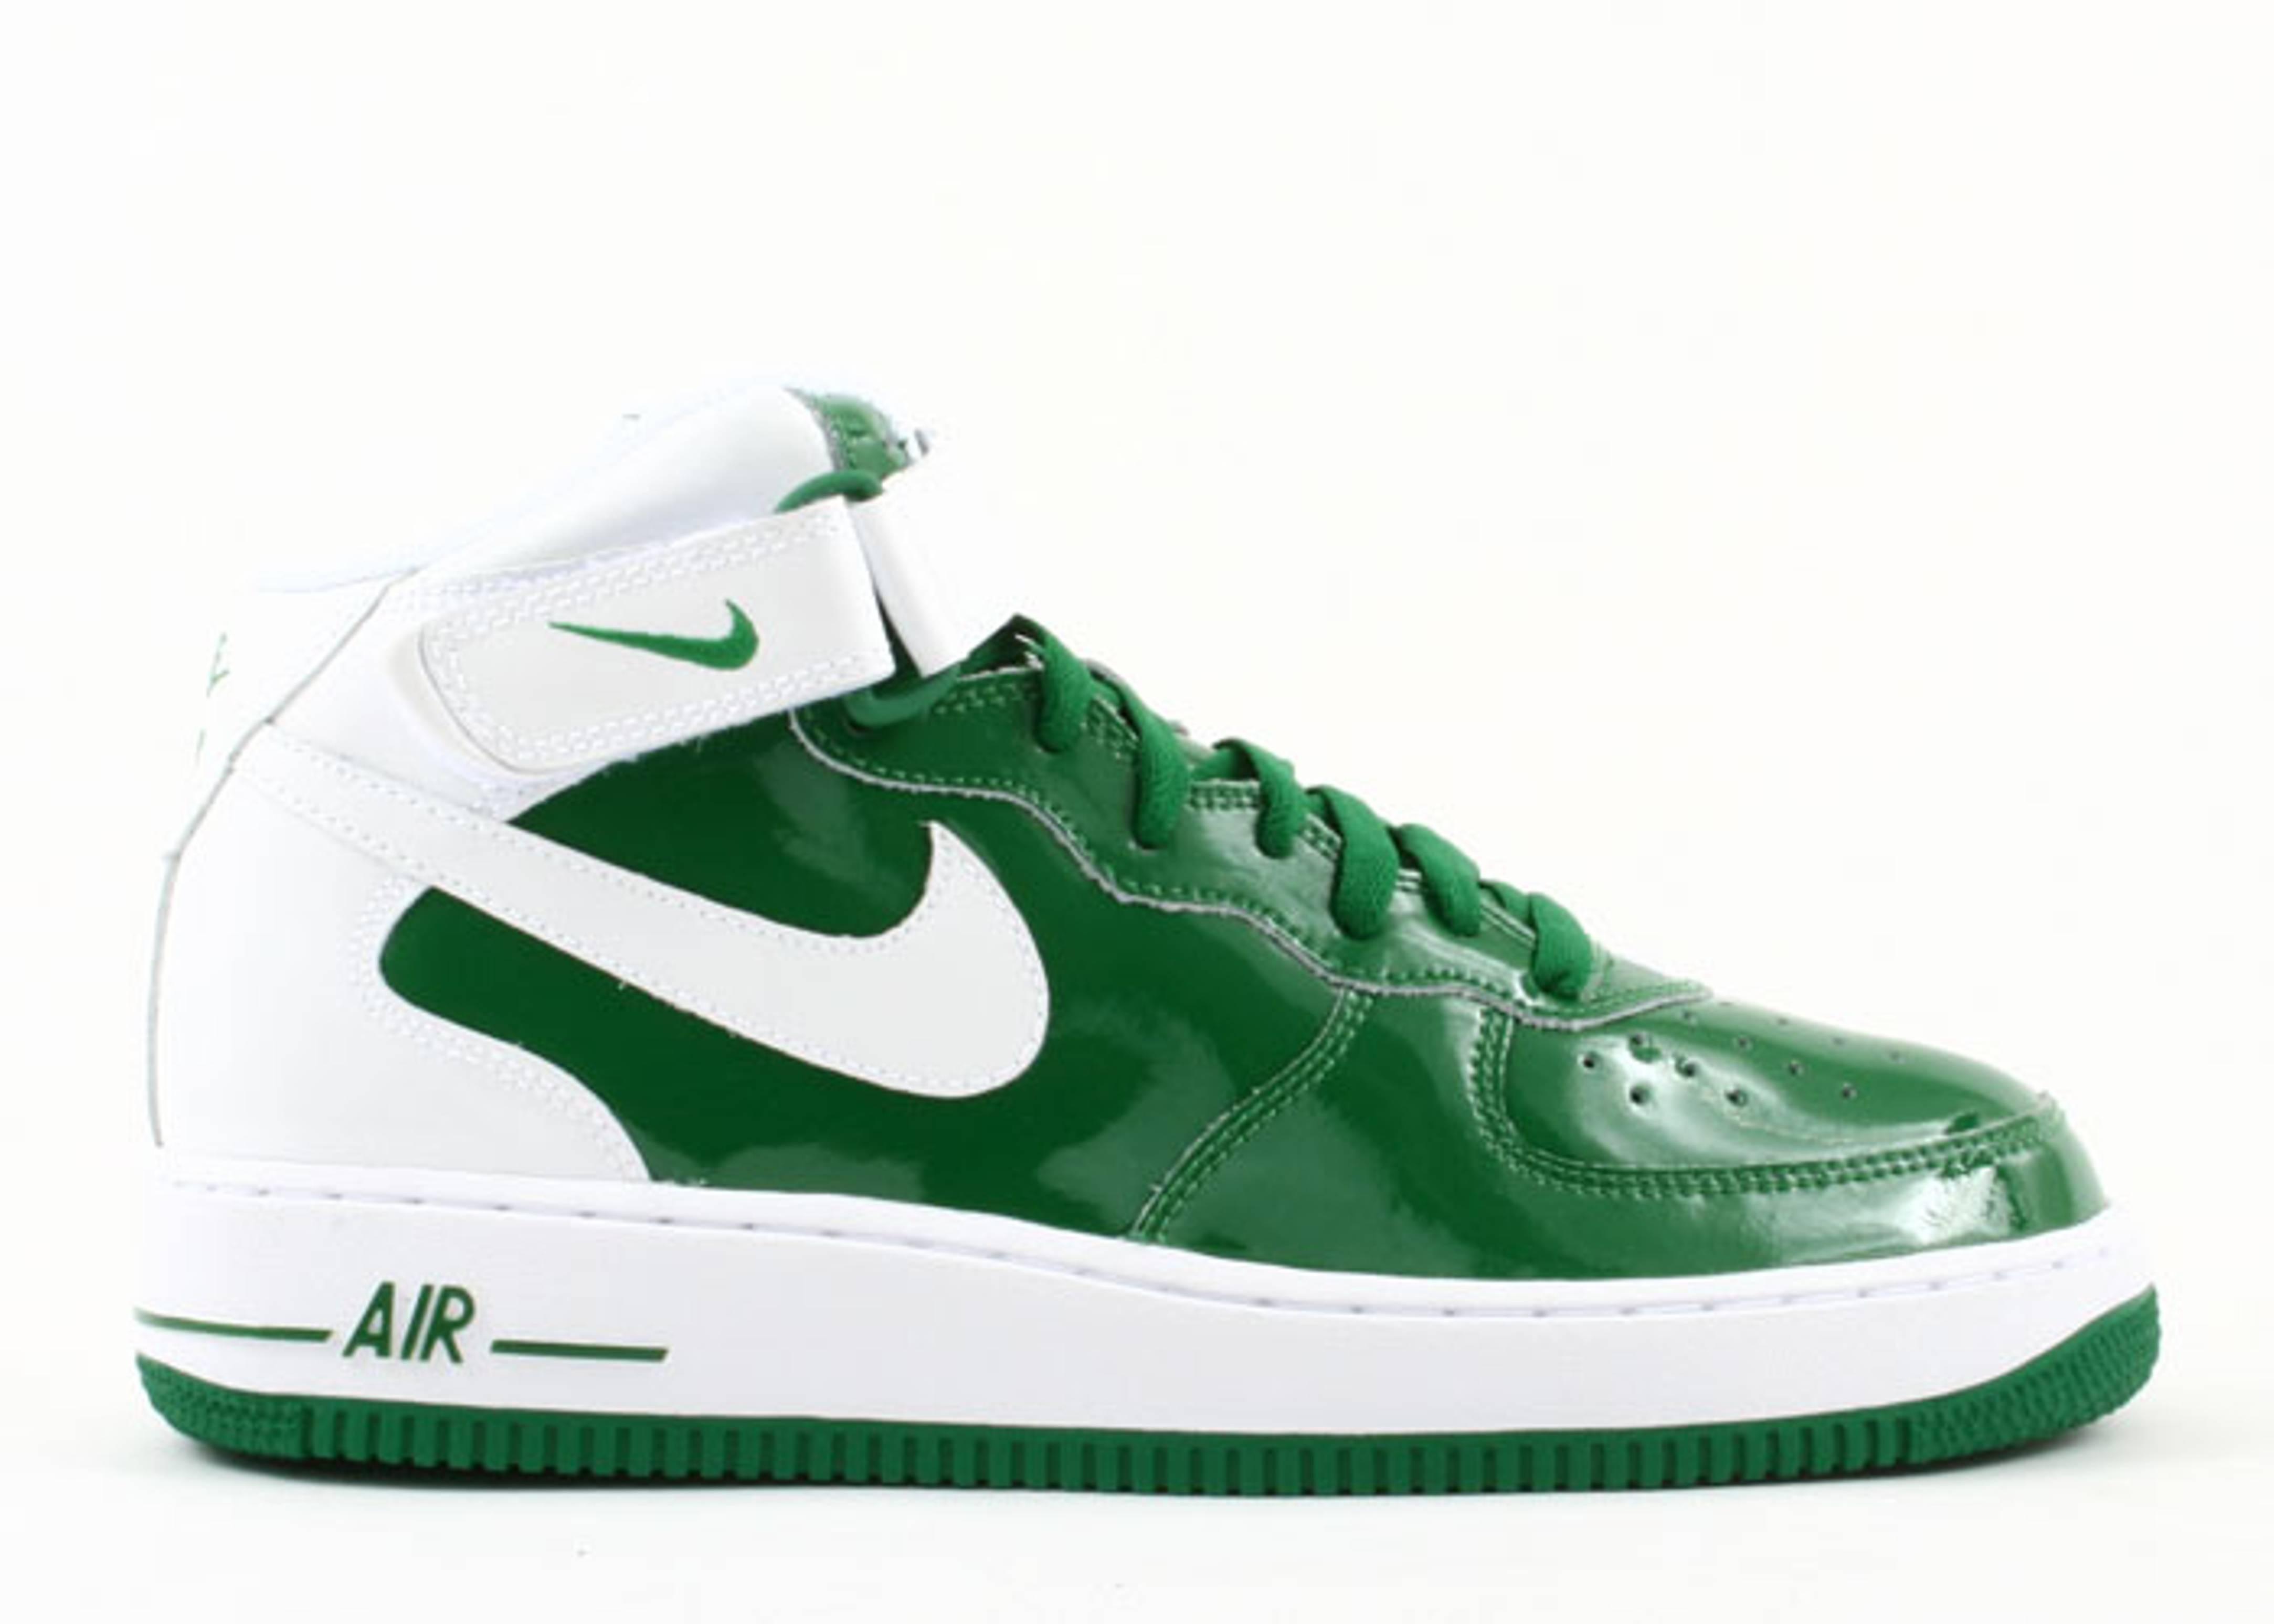 Livraison gratuite extrêmement Nike Air Force 1 Mi Pin Blanc Vert Vert prix incroyable nouvelle remise remise pKkYPN